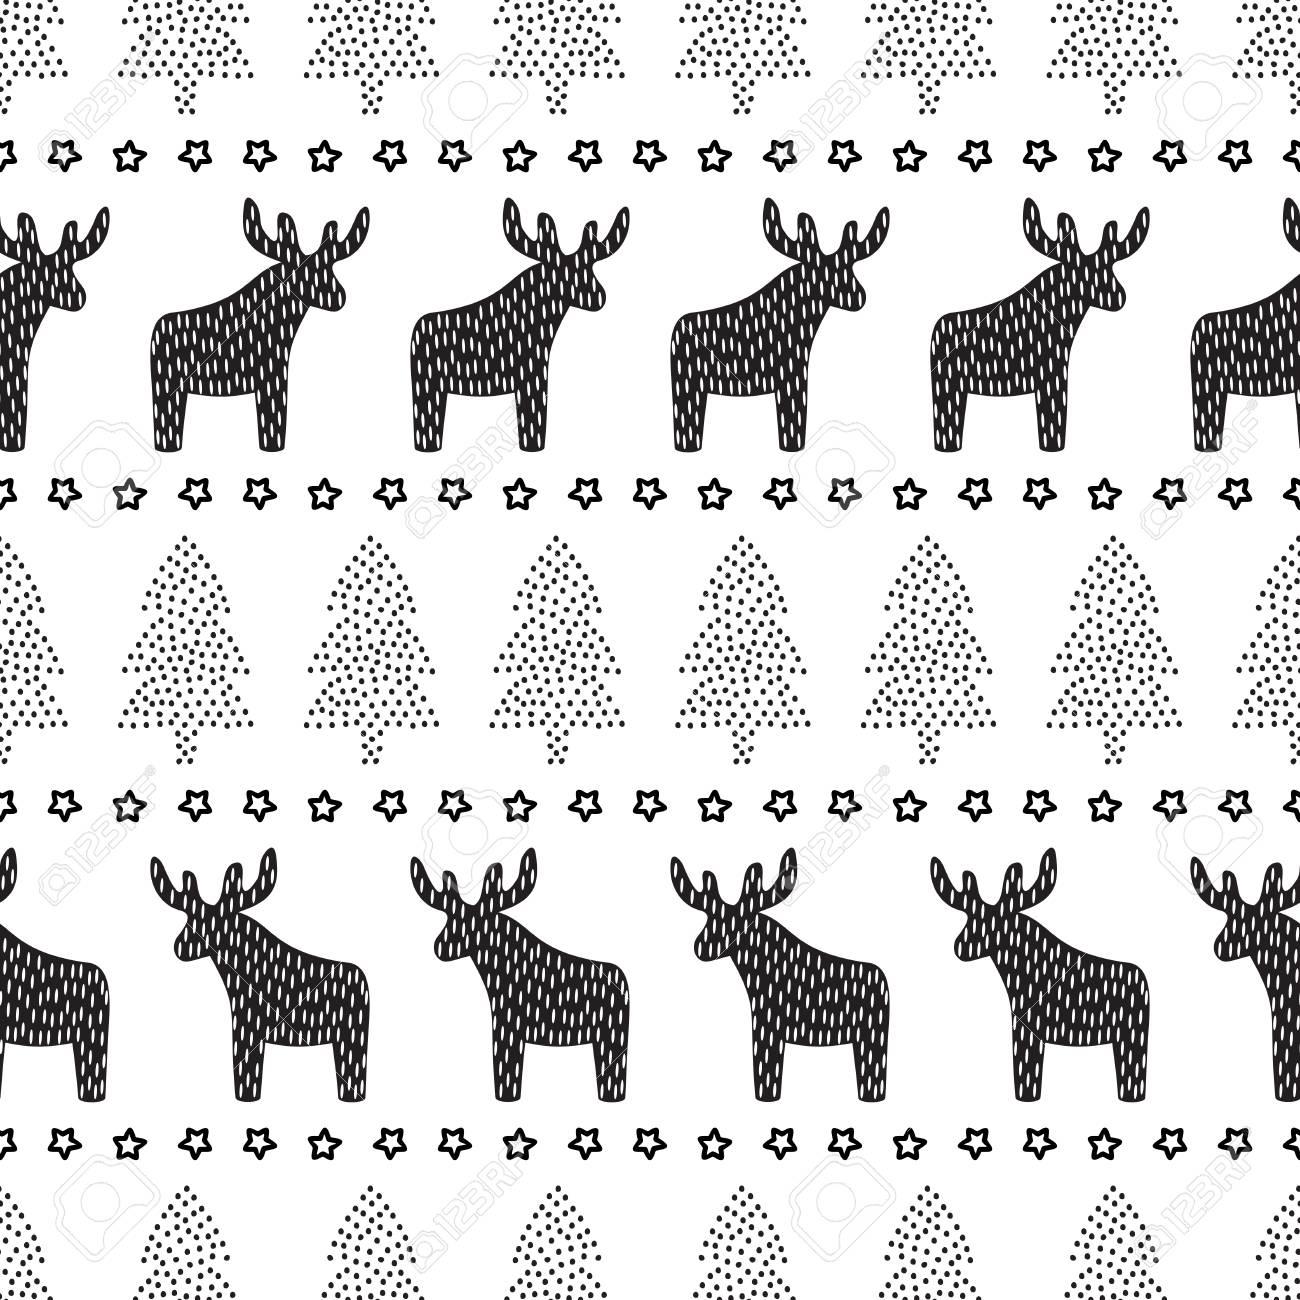 Schwarzweiße Weihnachten Hintergrund   Xmas Bäume, Hirsche Und Sterne.  Skandinavische Pullover Stil. Design Für Textilien, Tapeten, Web, Stoff,  Dekor Etc.